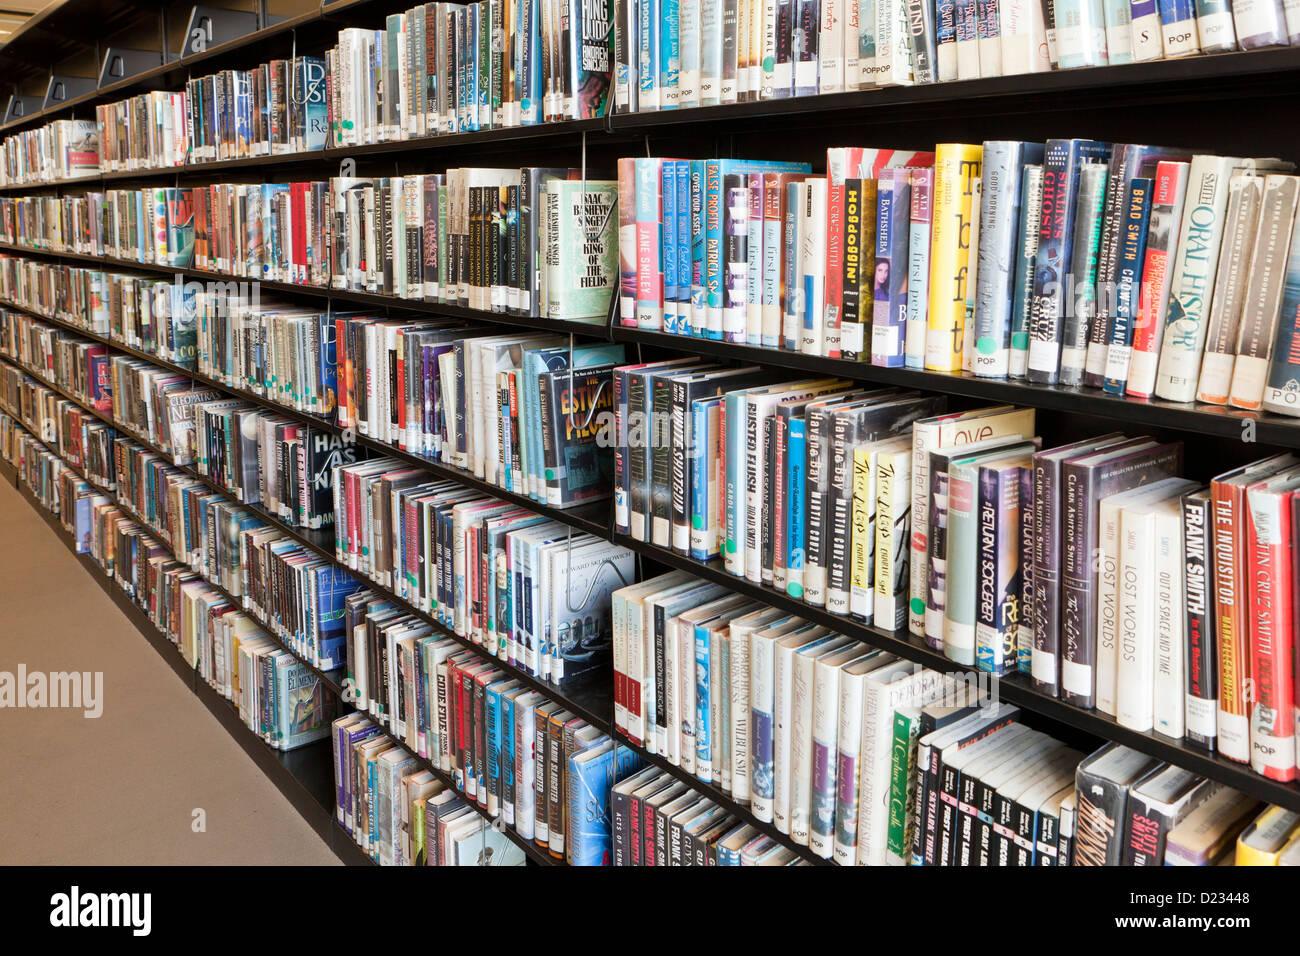 Library shelves full of books USA - Stock Image